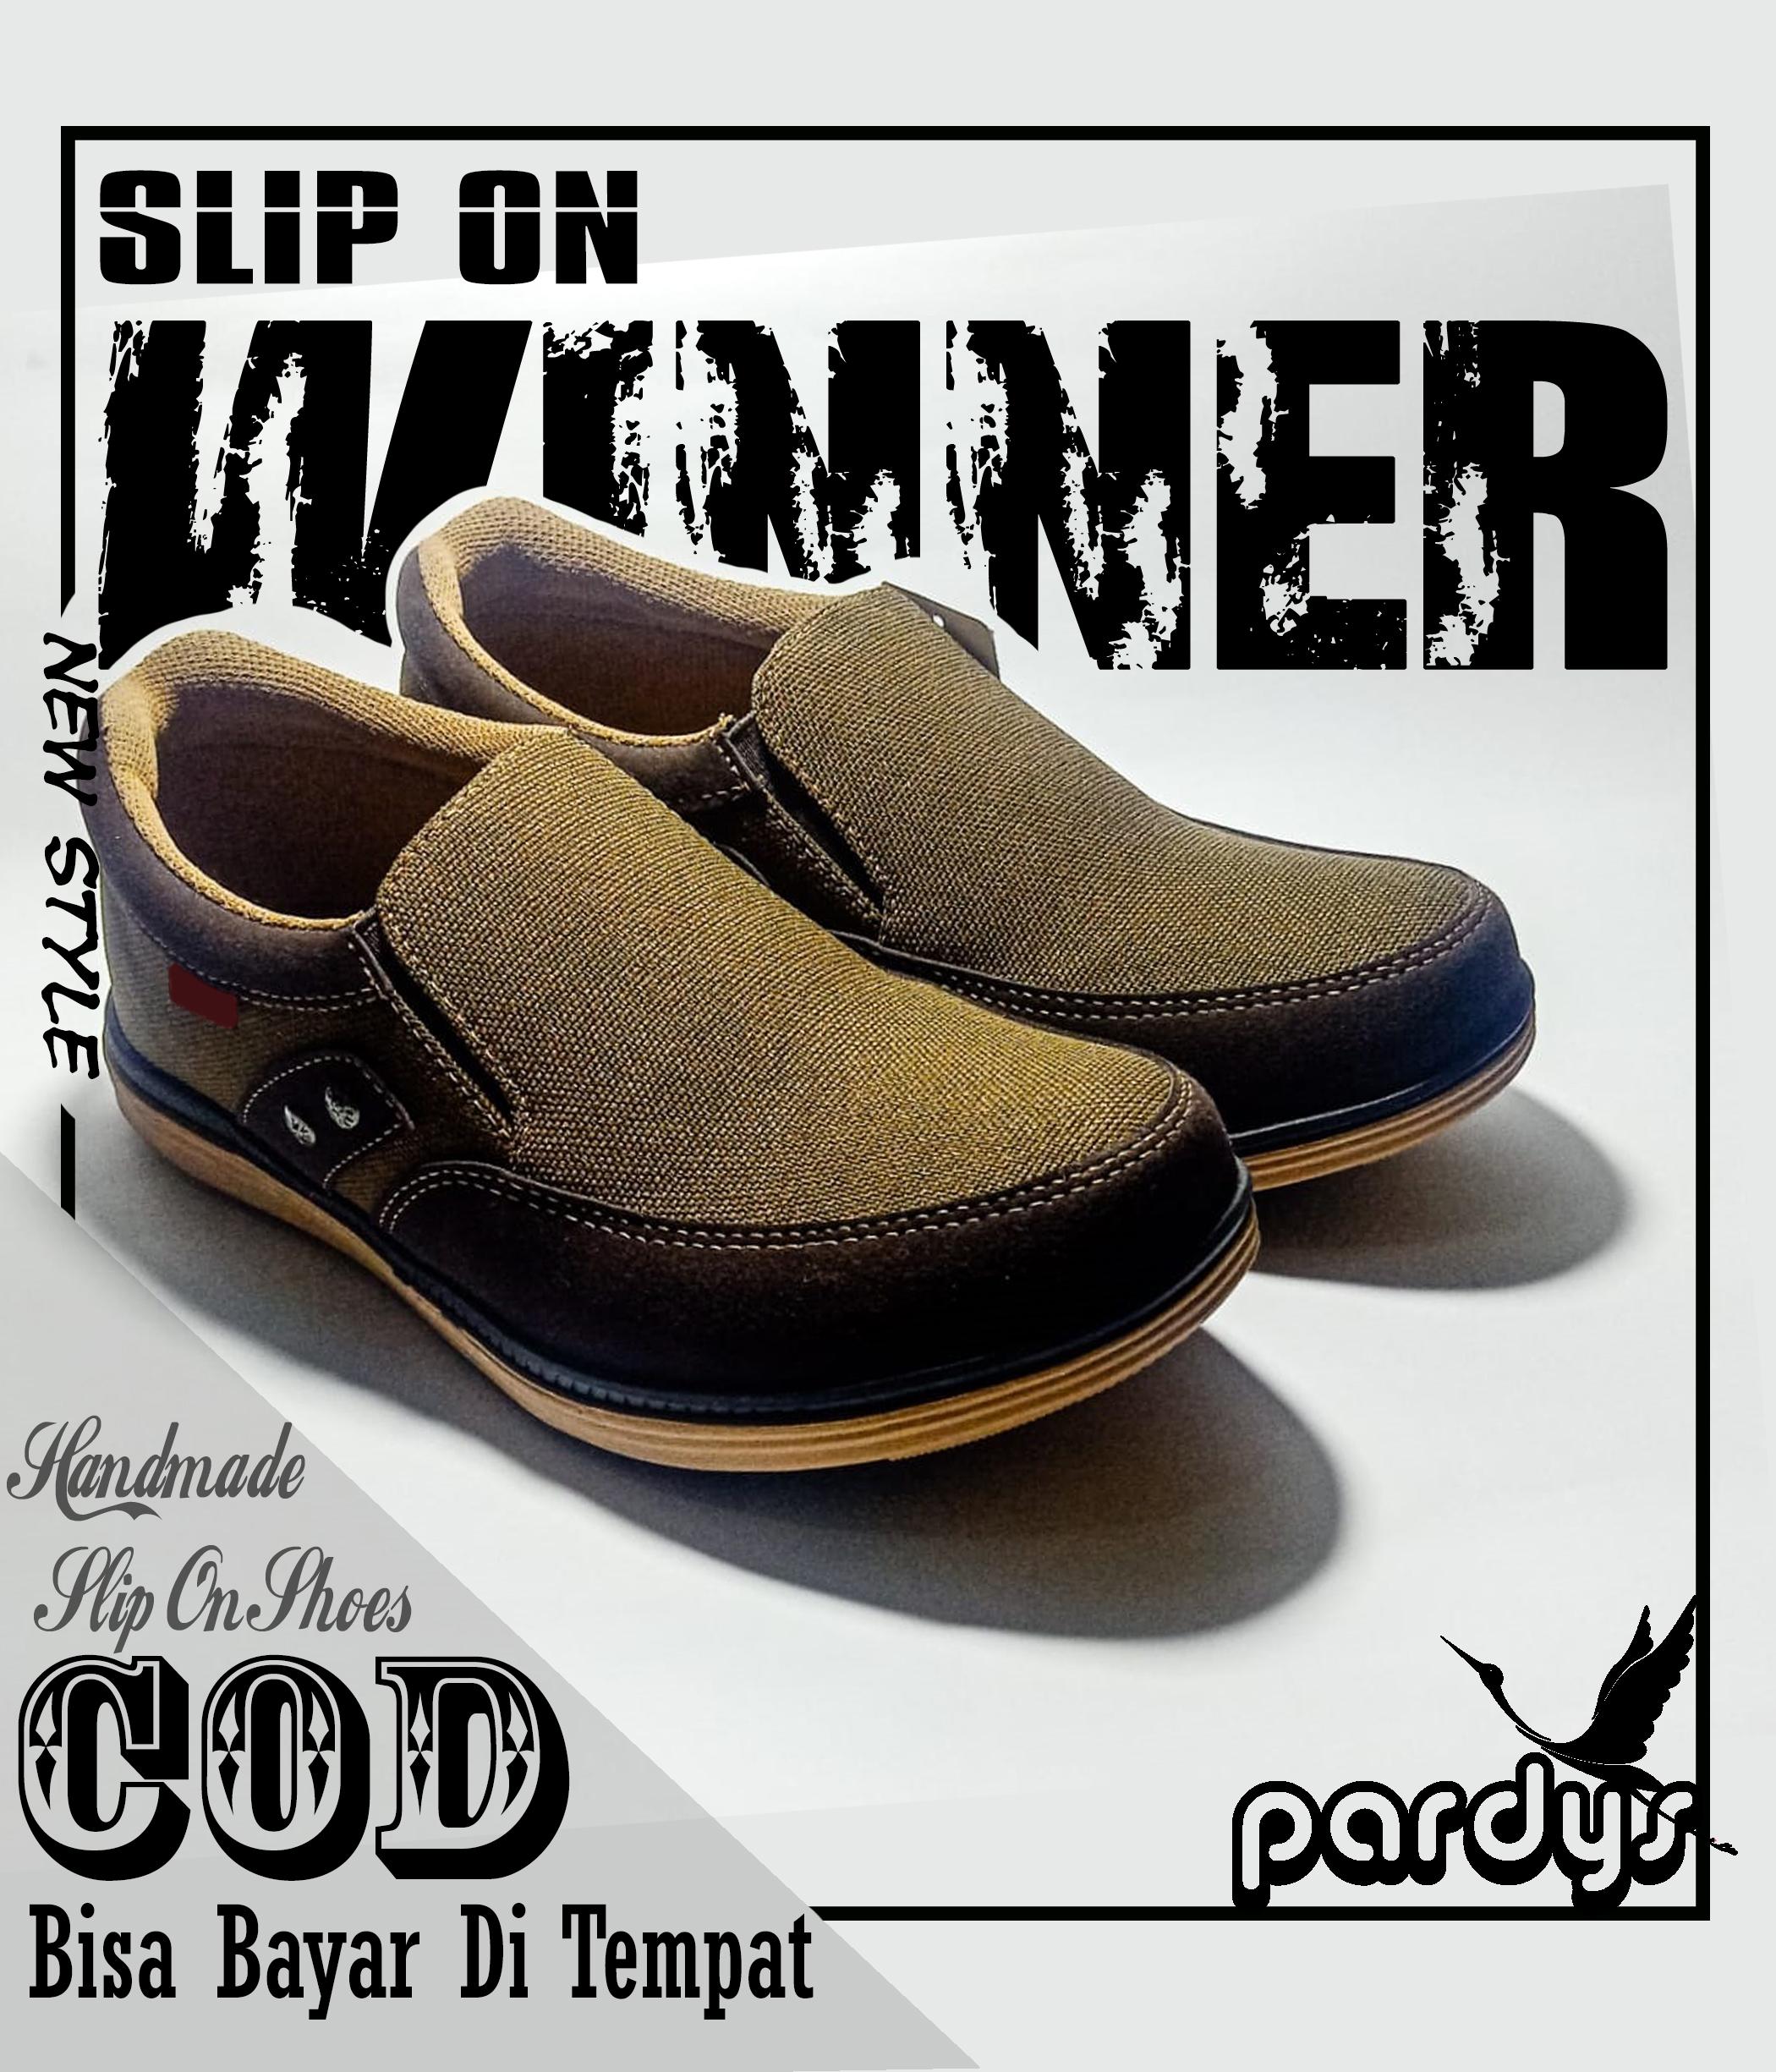 sepatu slop slip on loafer bsp10 kets sneakers sniker cokelat coklat dark brown shoes kasual pria kanvas  terlaris   keren terawet simpel casual santai bahan bagor rajut [ pardys]